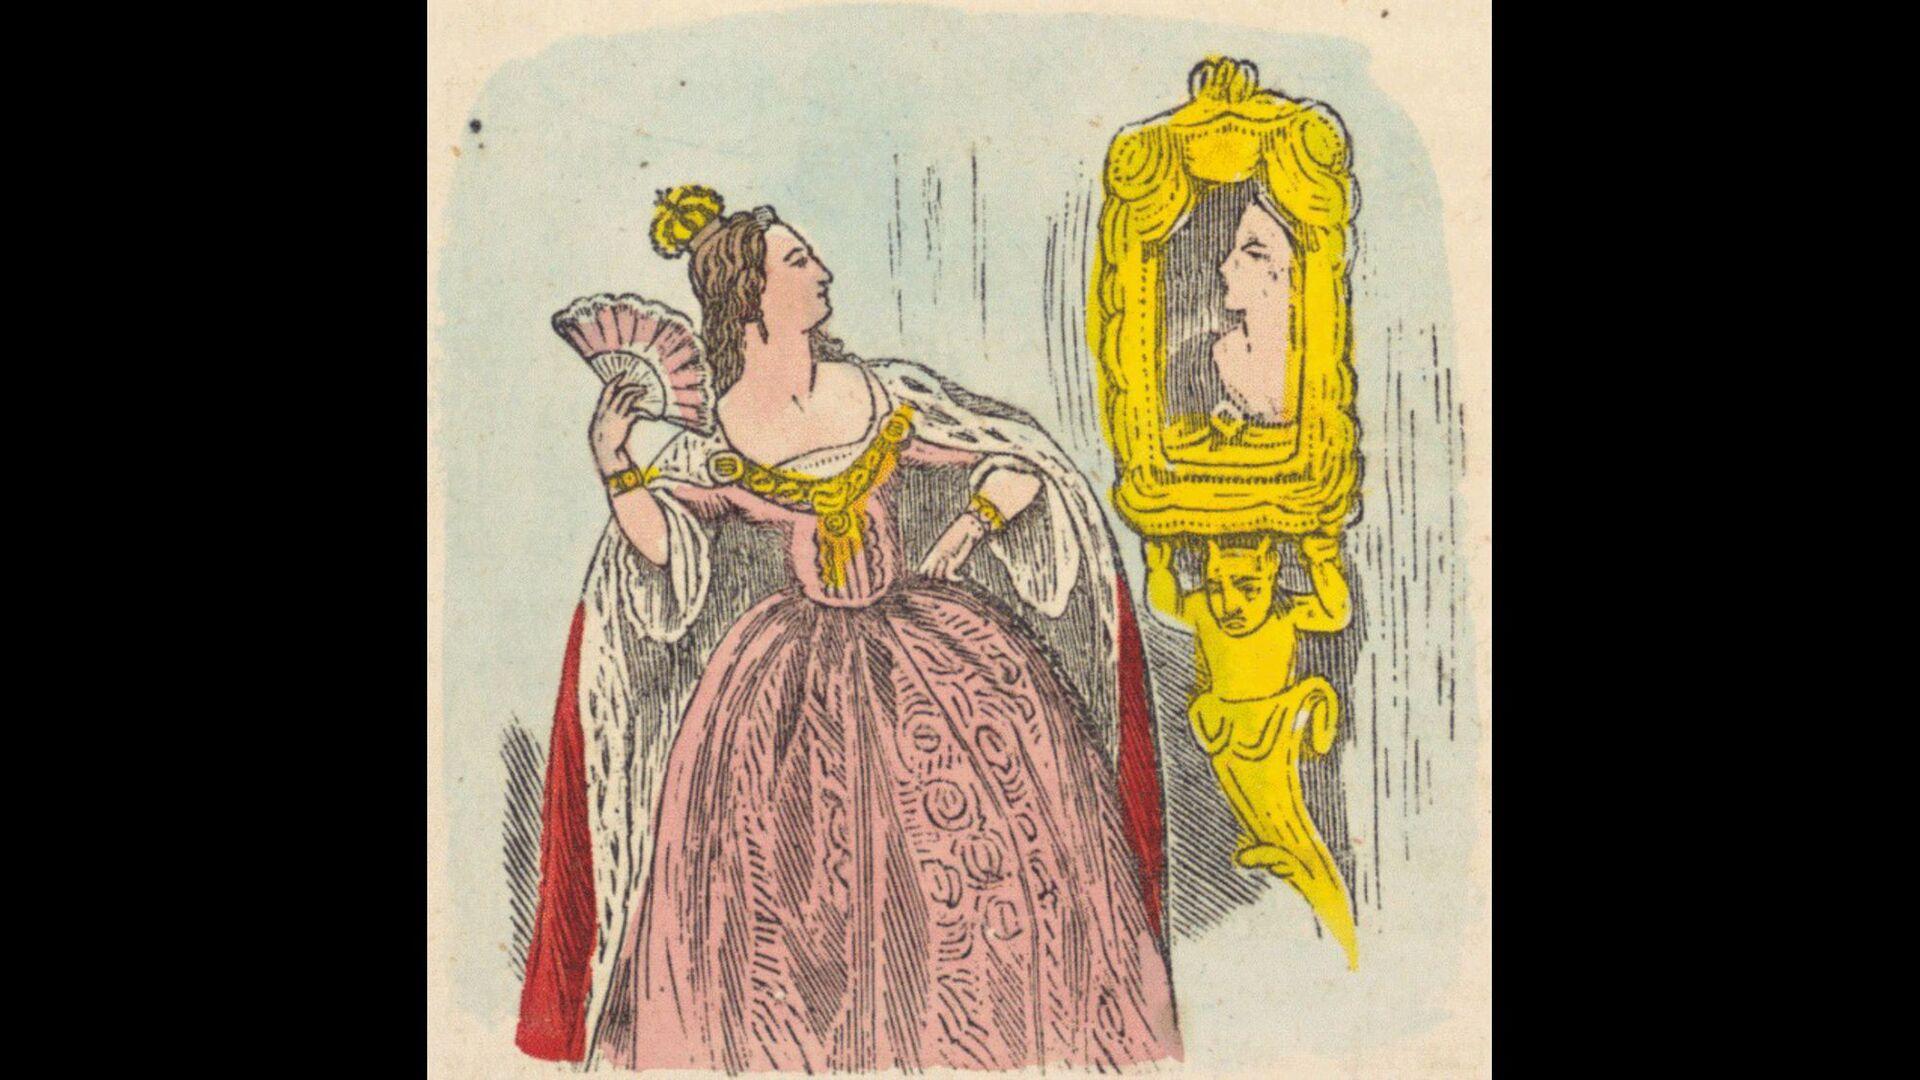 @hschwentner Modes